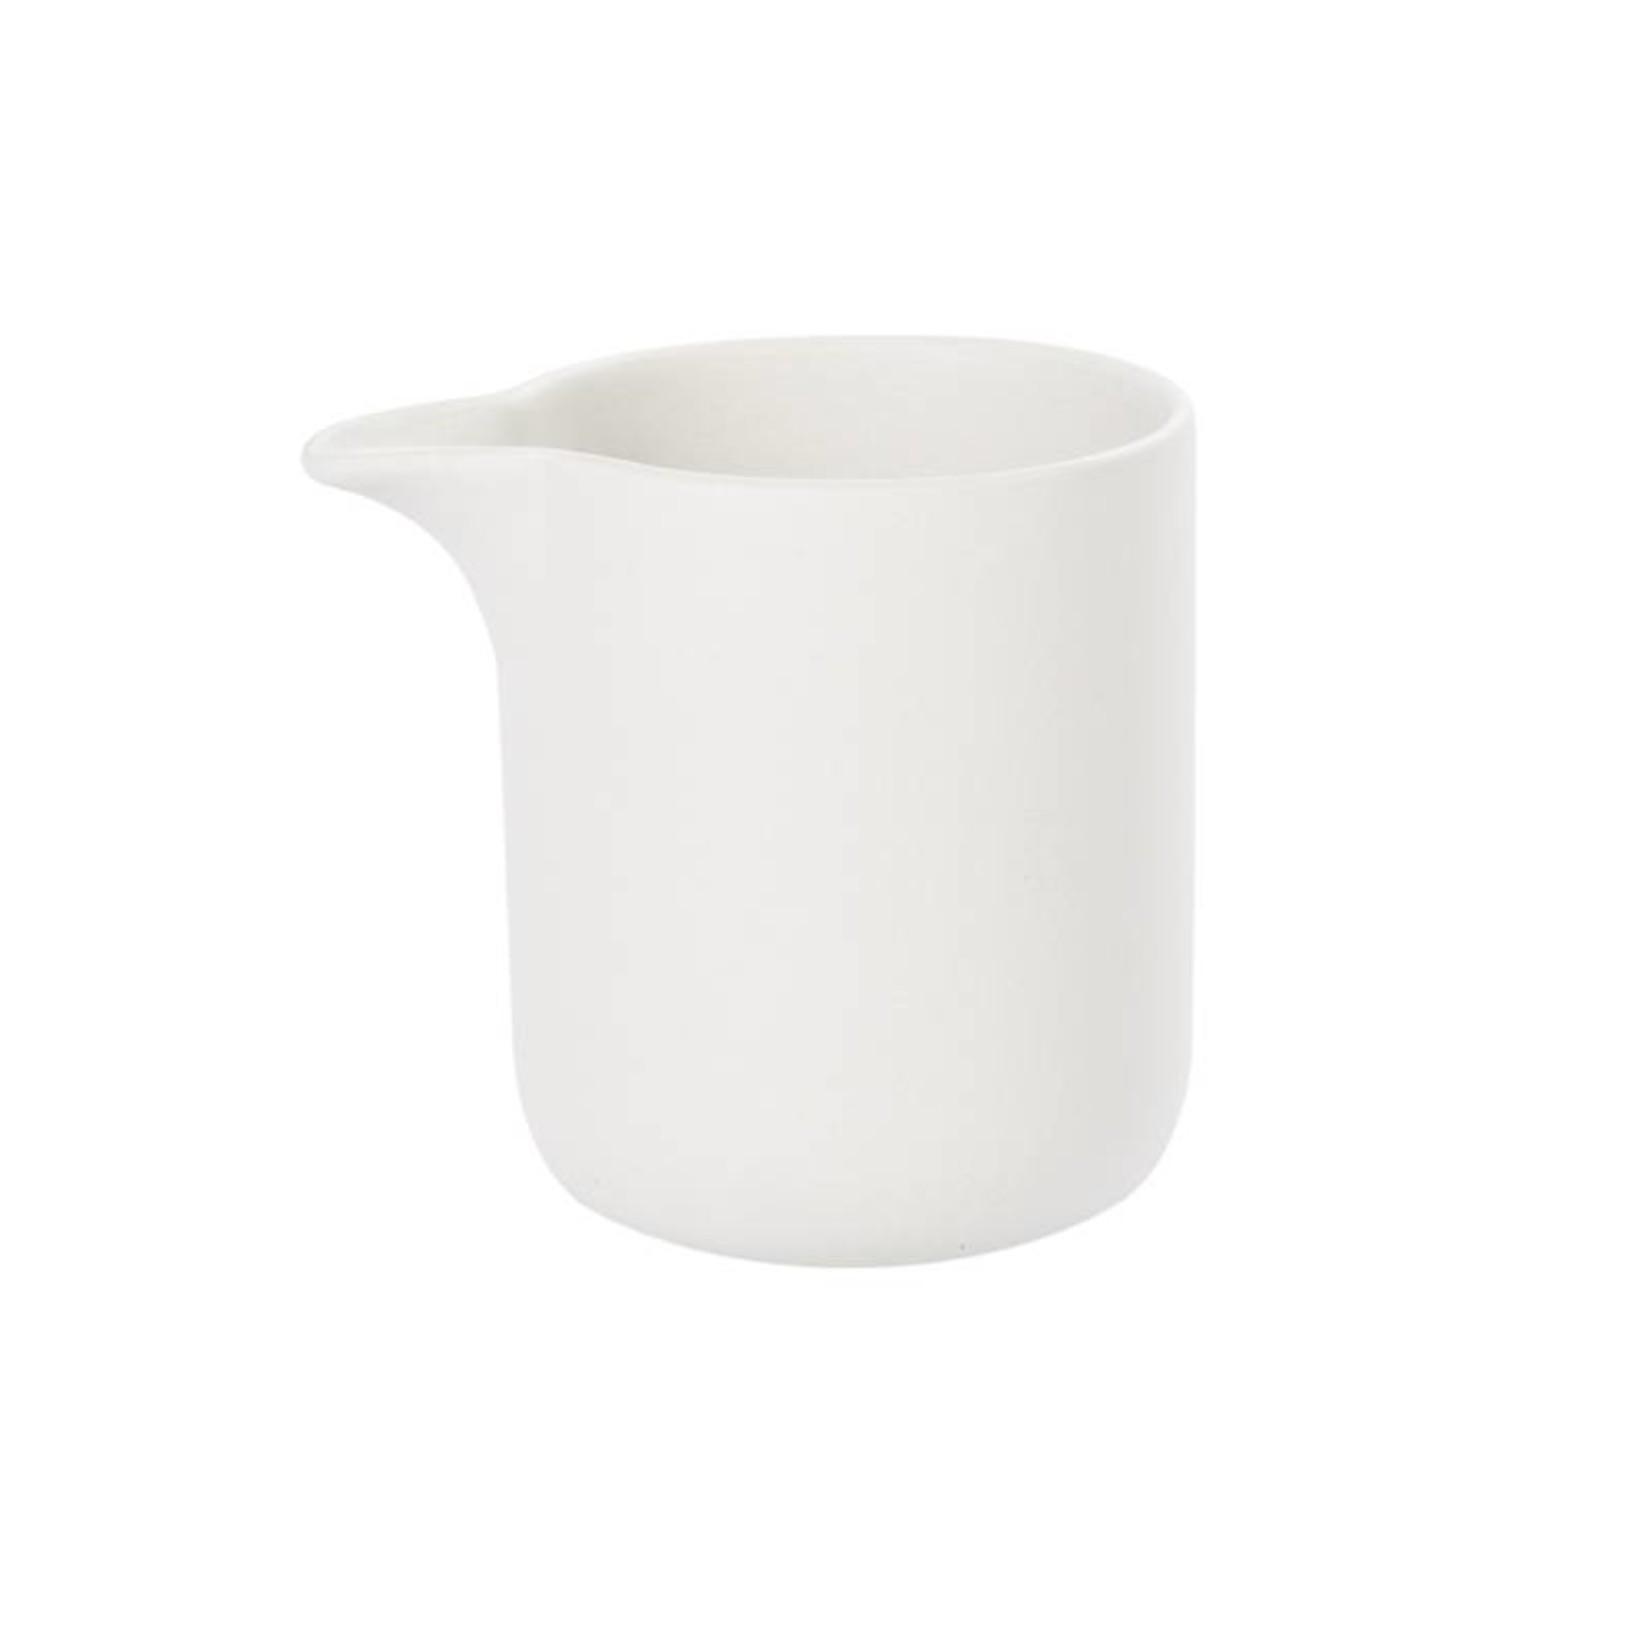 sue pryke small jug - natural stone